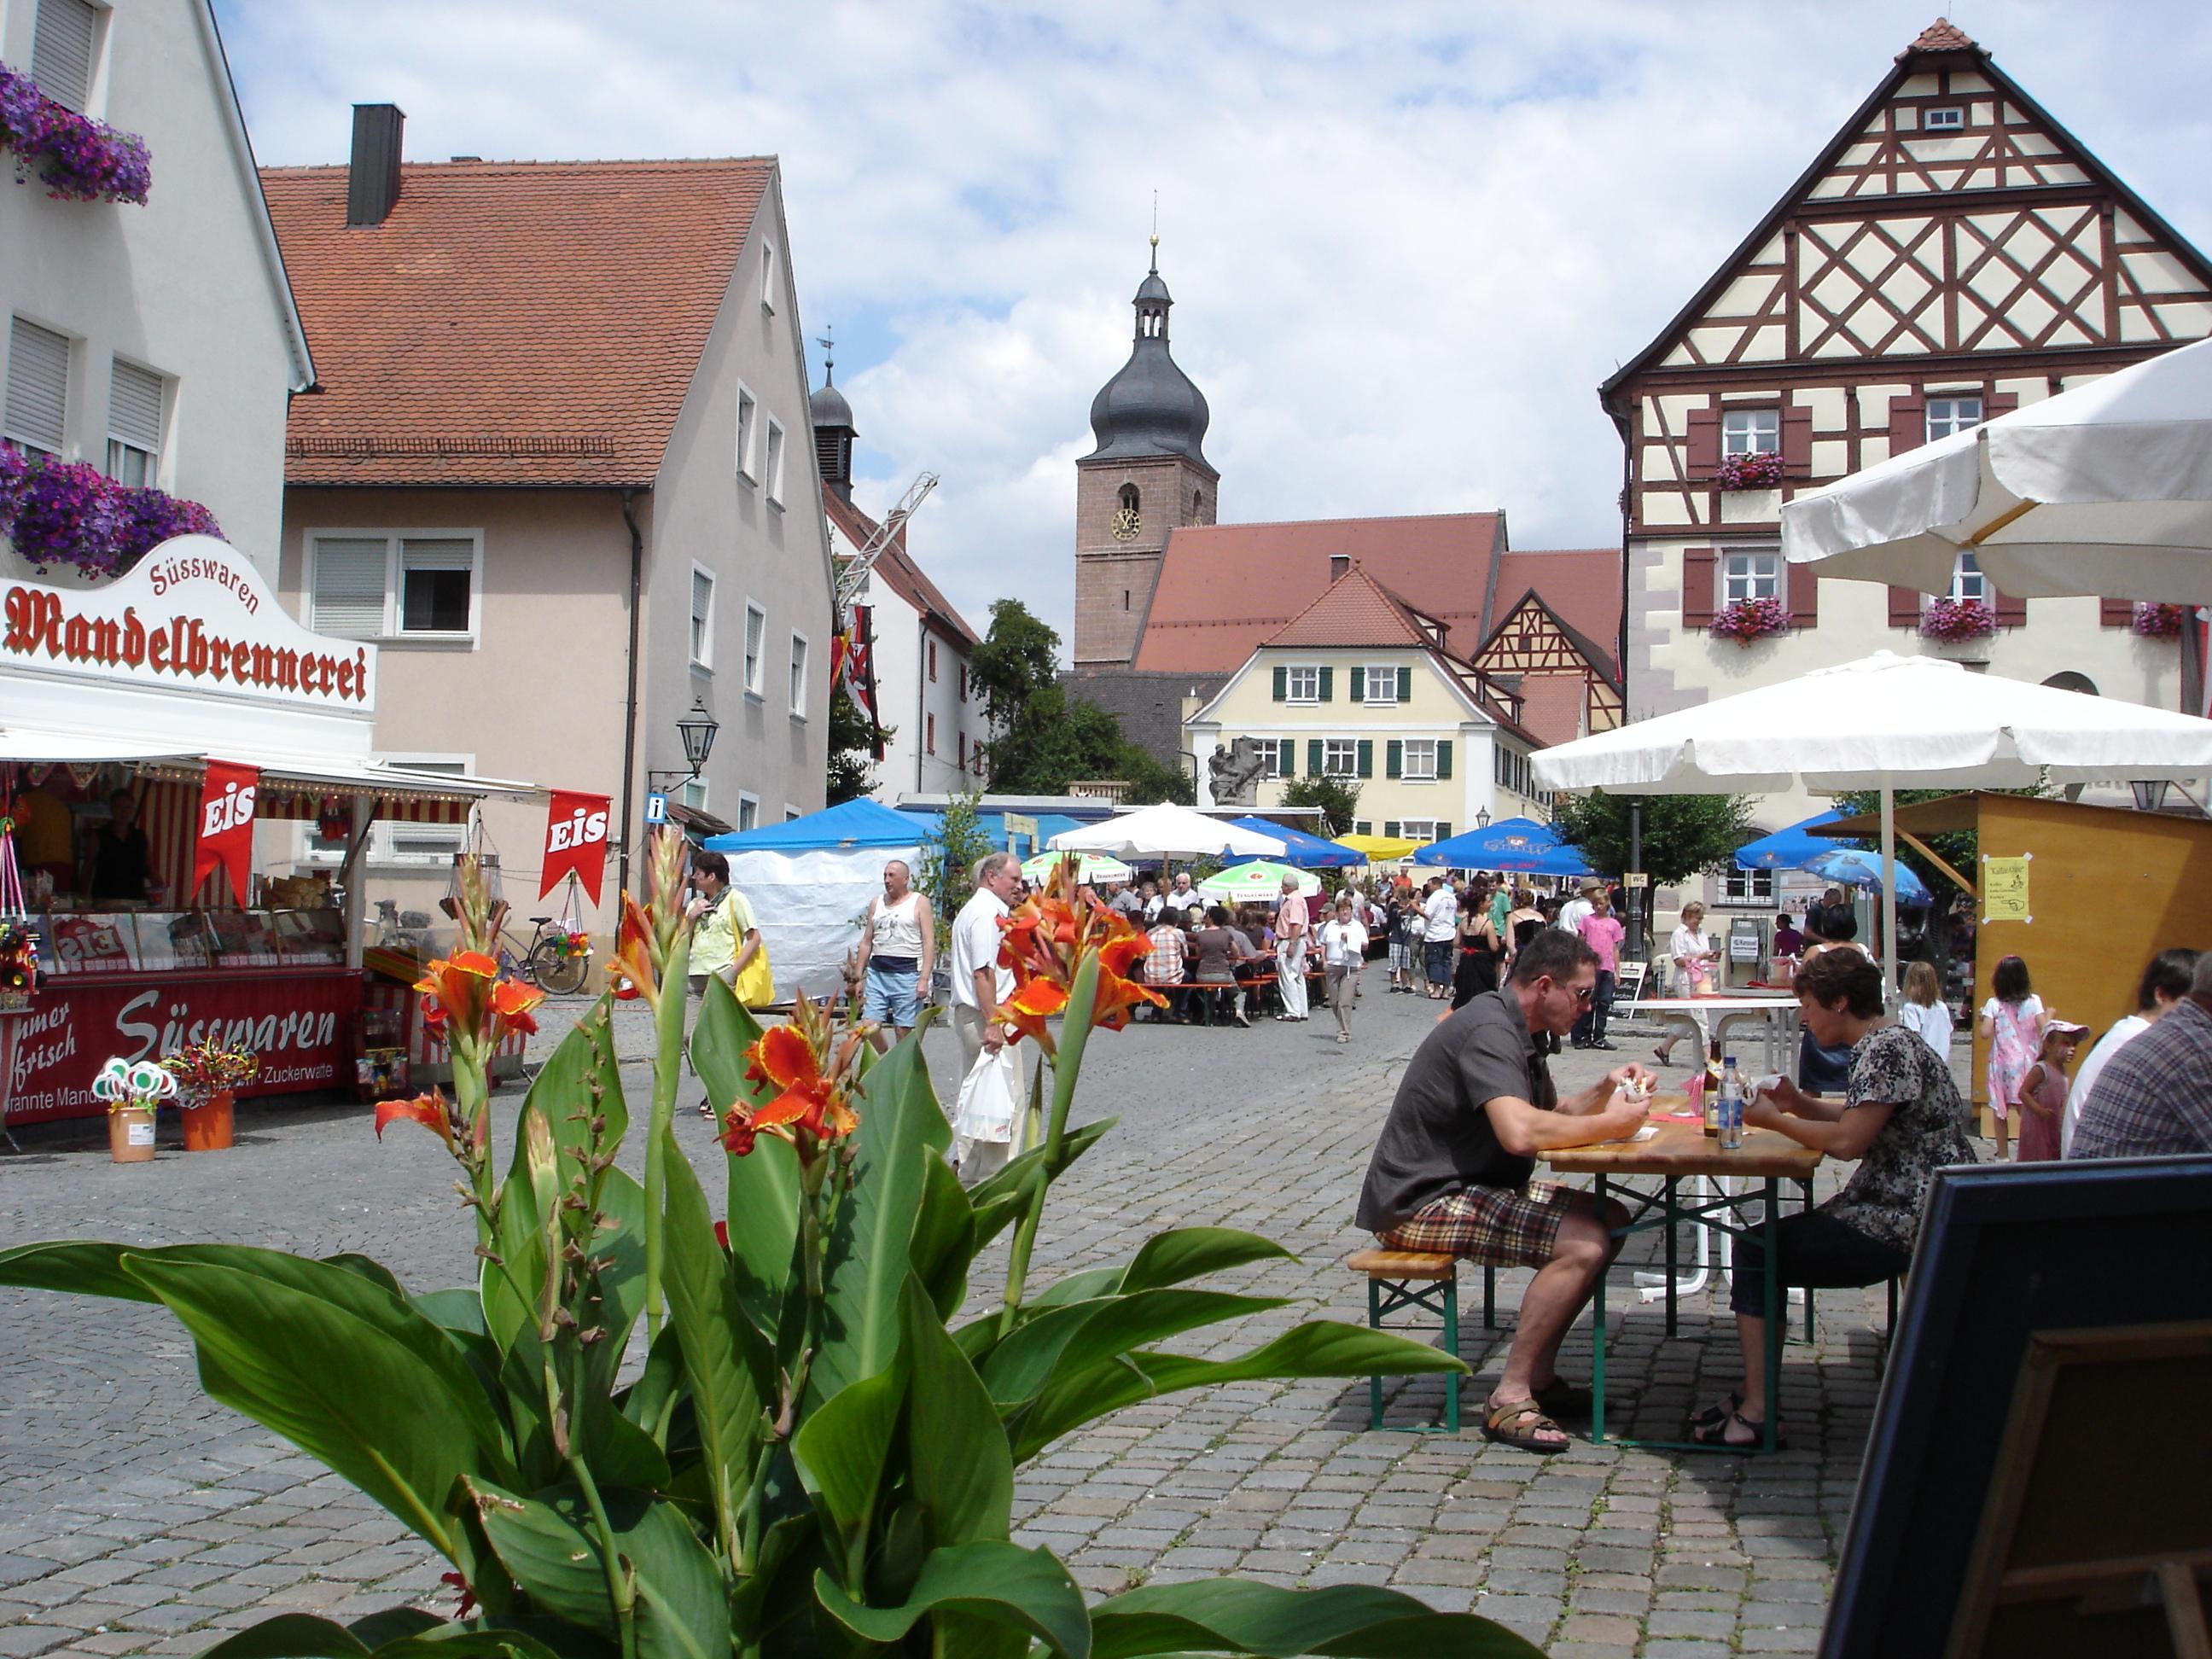 Altstadtfest auf dem Marktplatz in Merkendorf